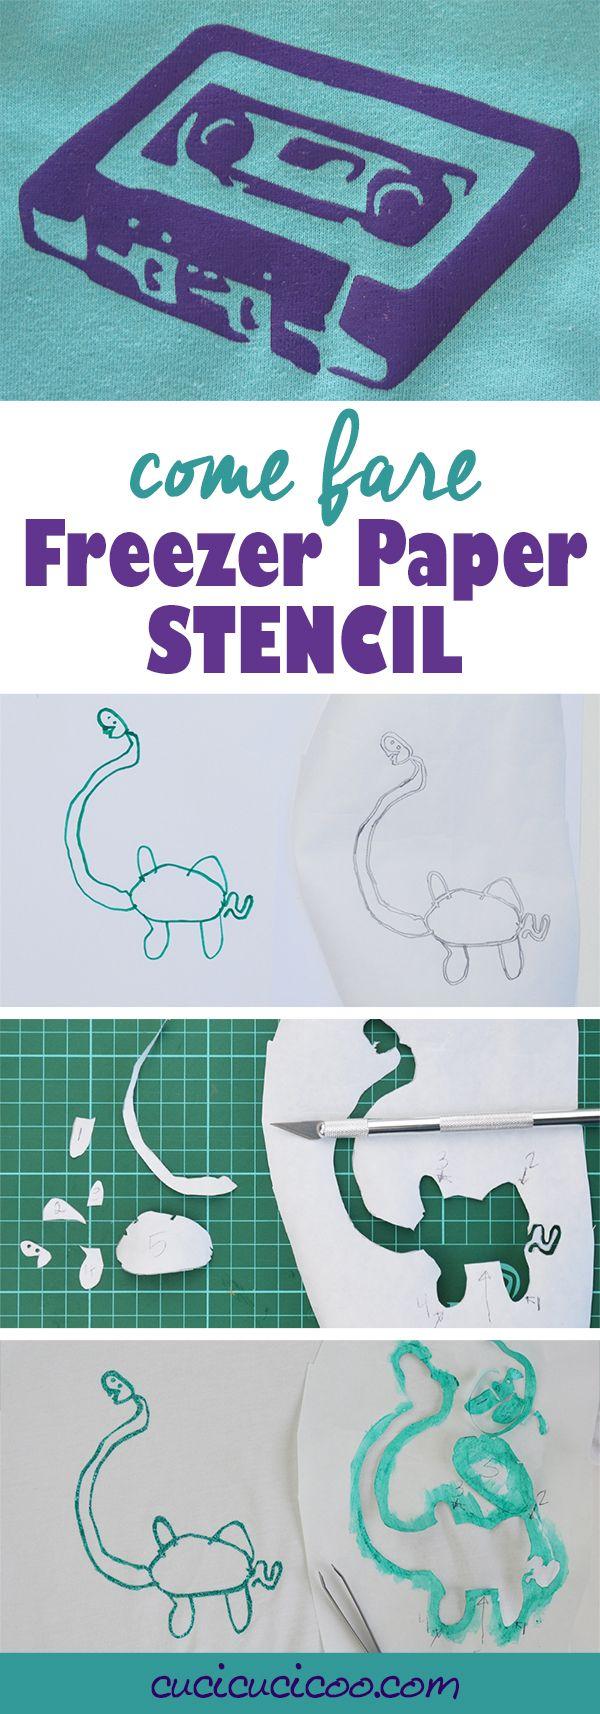 Vuoi passare un bel disegno su una maglietta? Questo tutorial mostra come fare stencil con freezer paper per decorare qualunque oggetto di tessuto! Una tecnica divertentissima! www.cucicucicoo.com